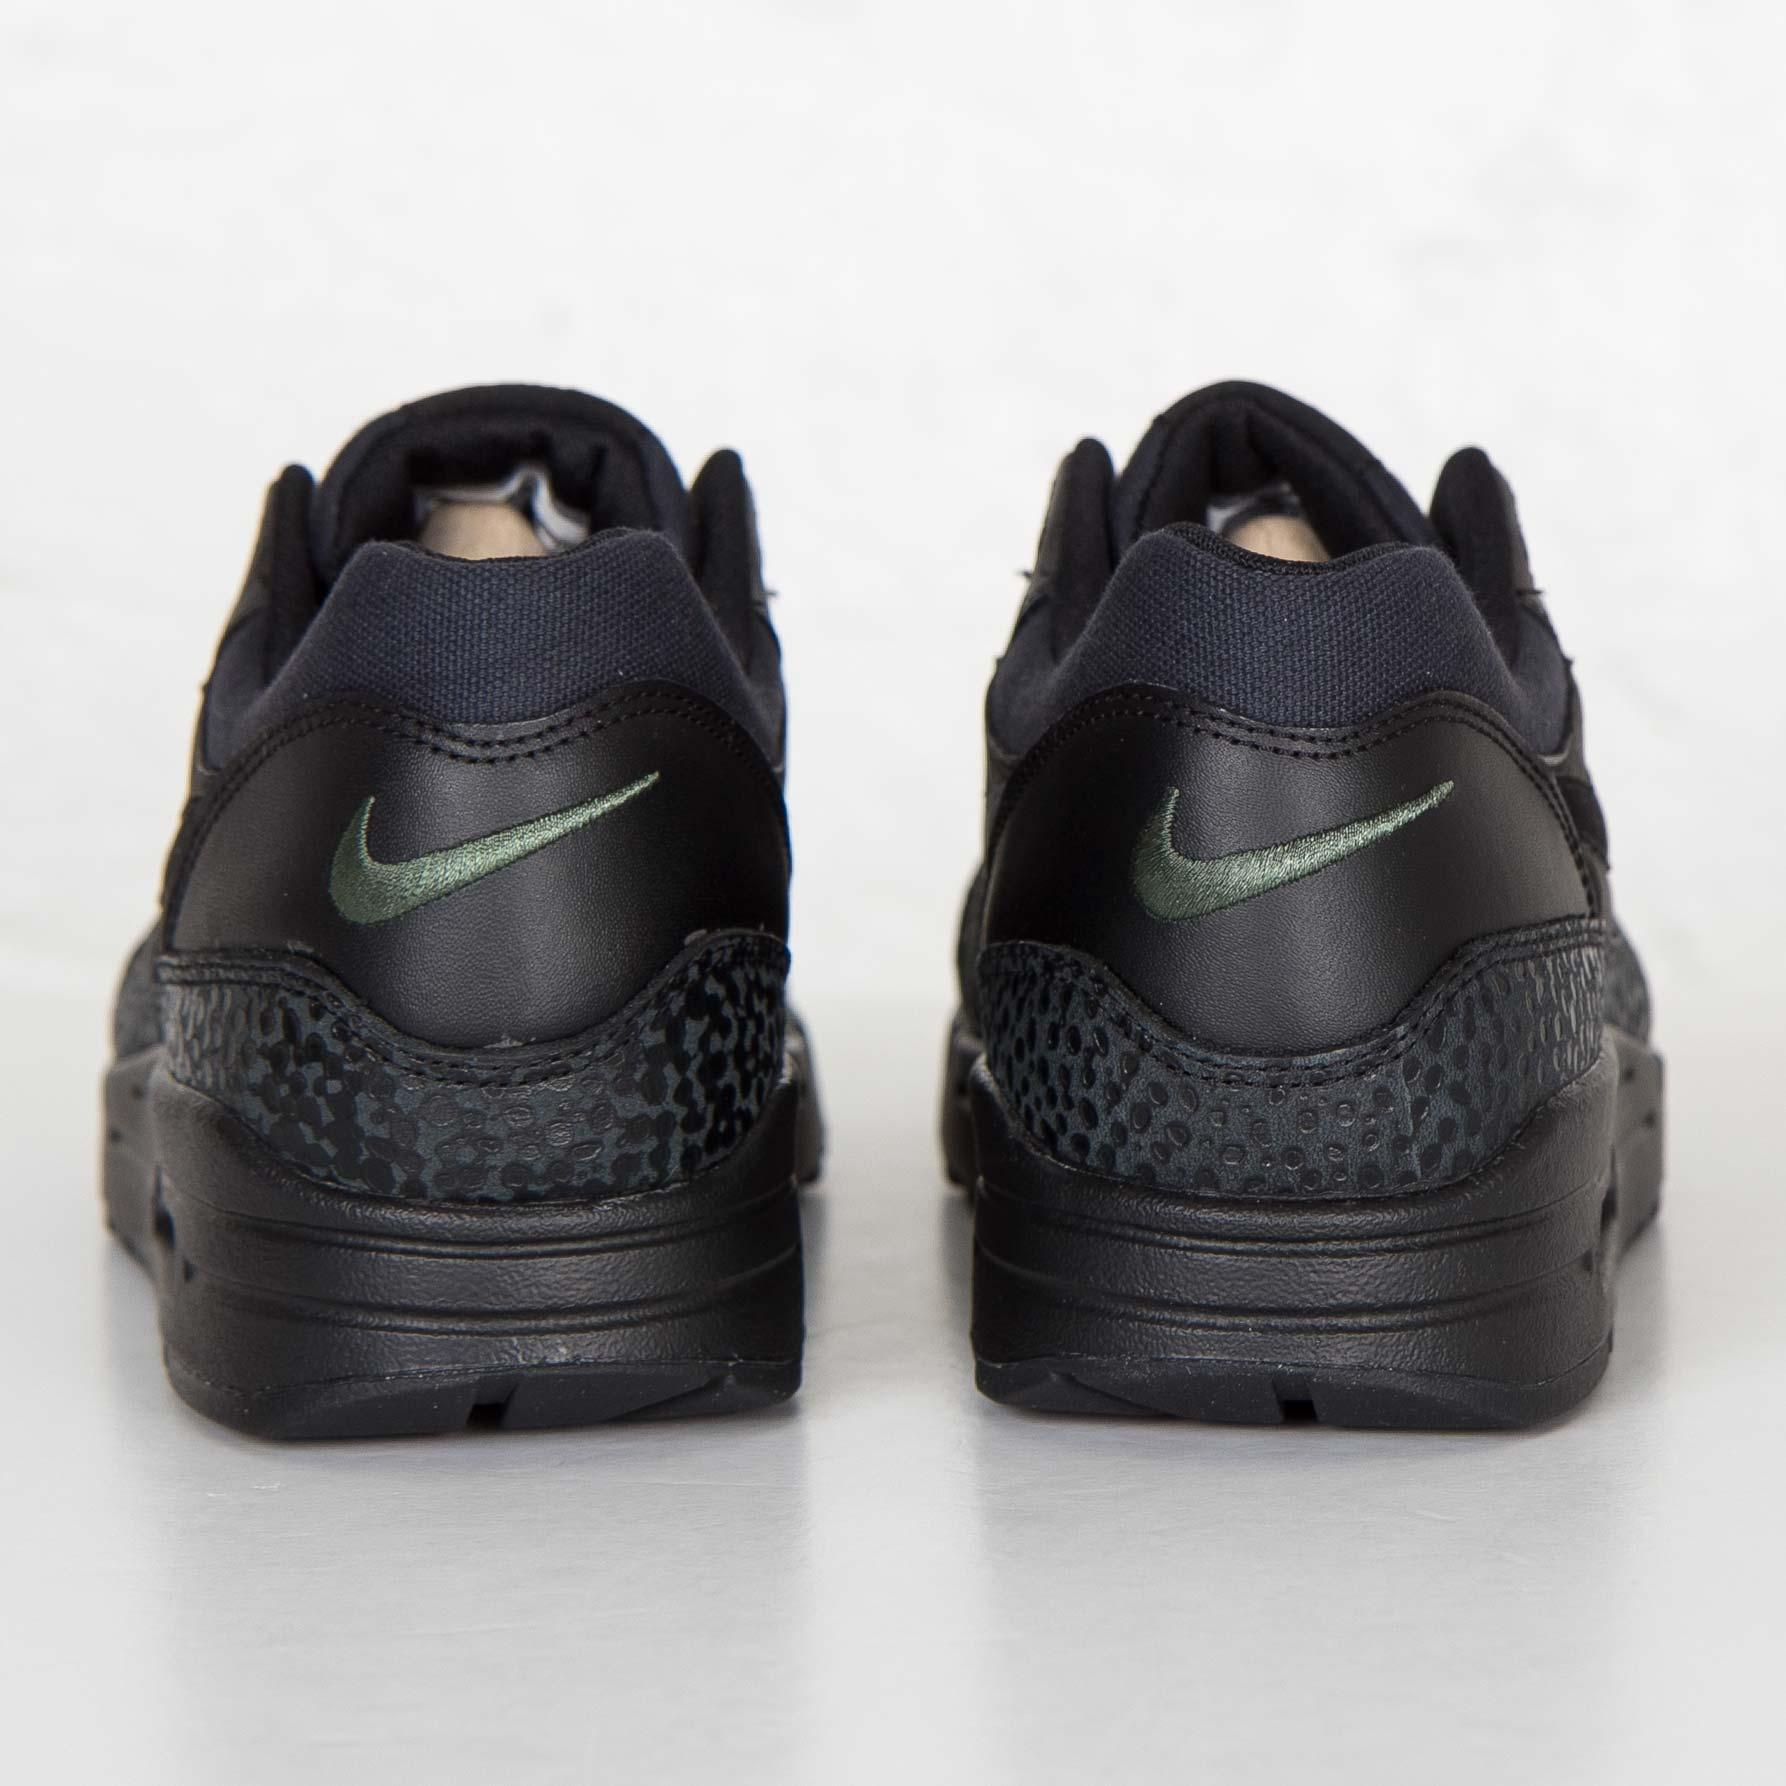 Nike Air Max 1 Premium 512033 030 Sneakersnstuff I